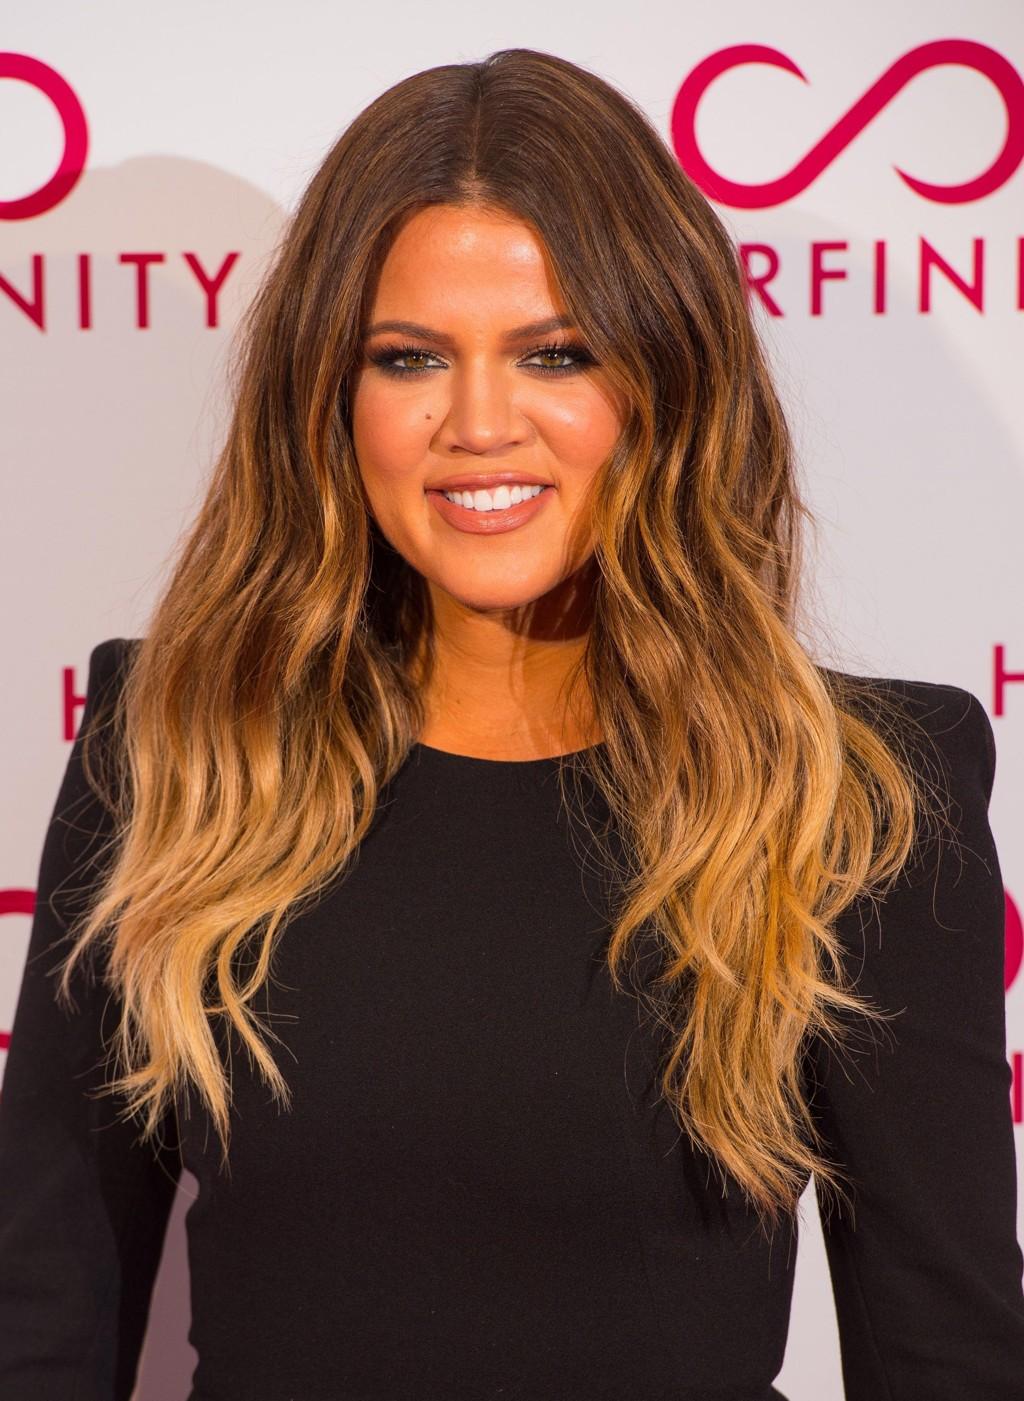 Khloe Kardashian får kjeft etter tips for å se tynnere ut.